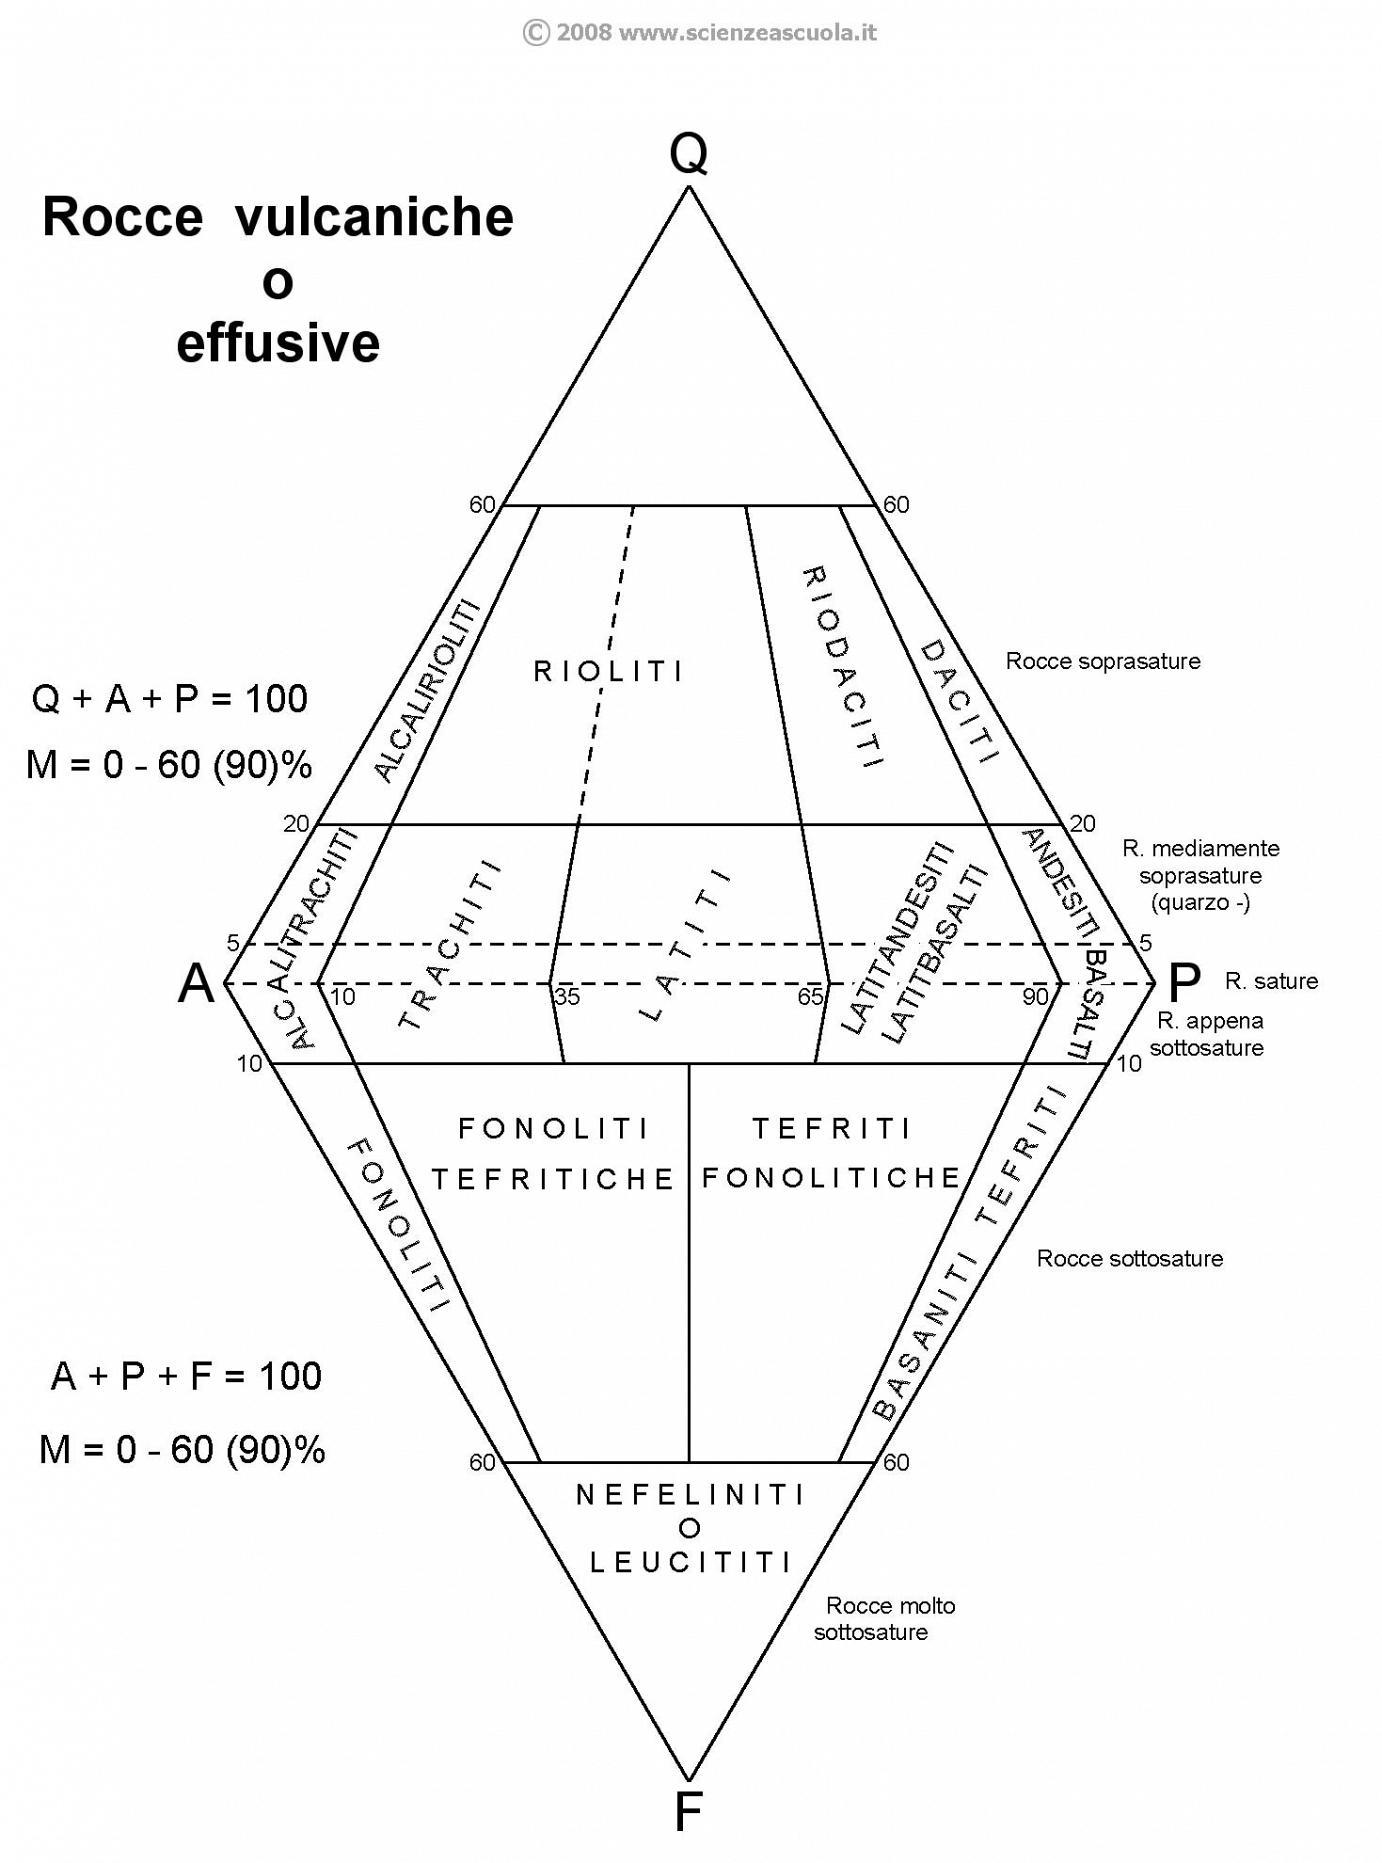 Come Si Usa Il Diagramma Di Streckeisen